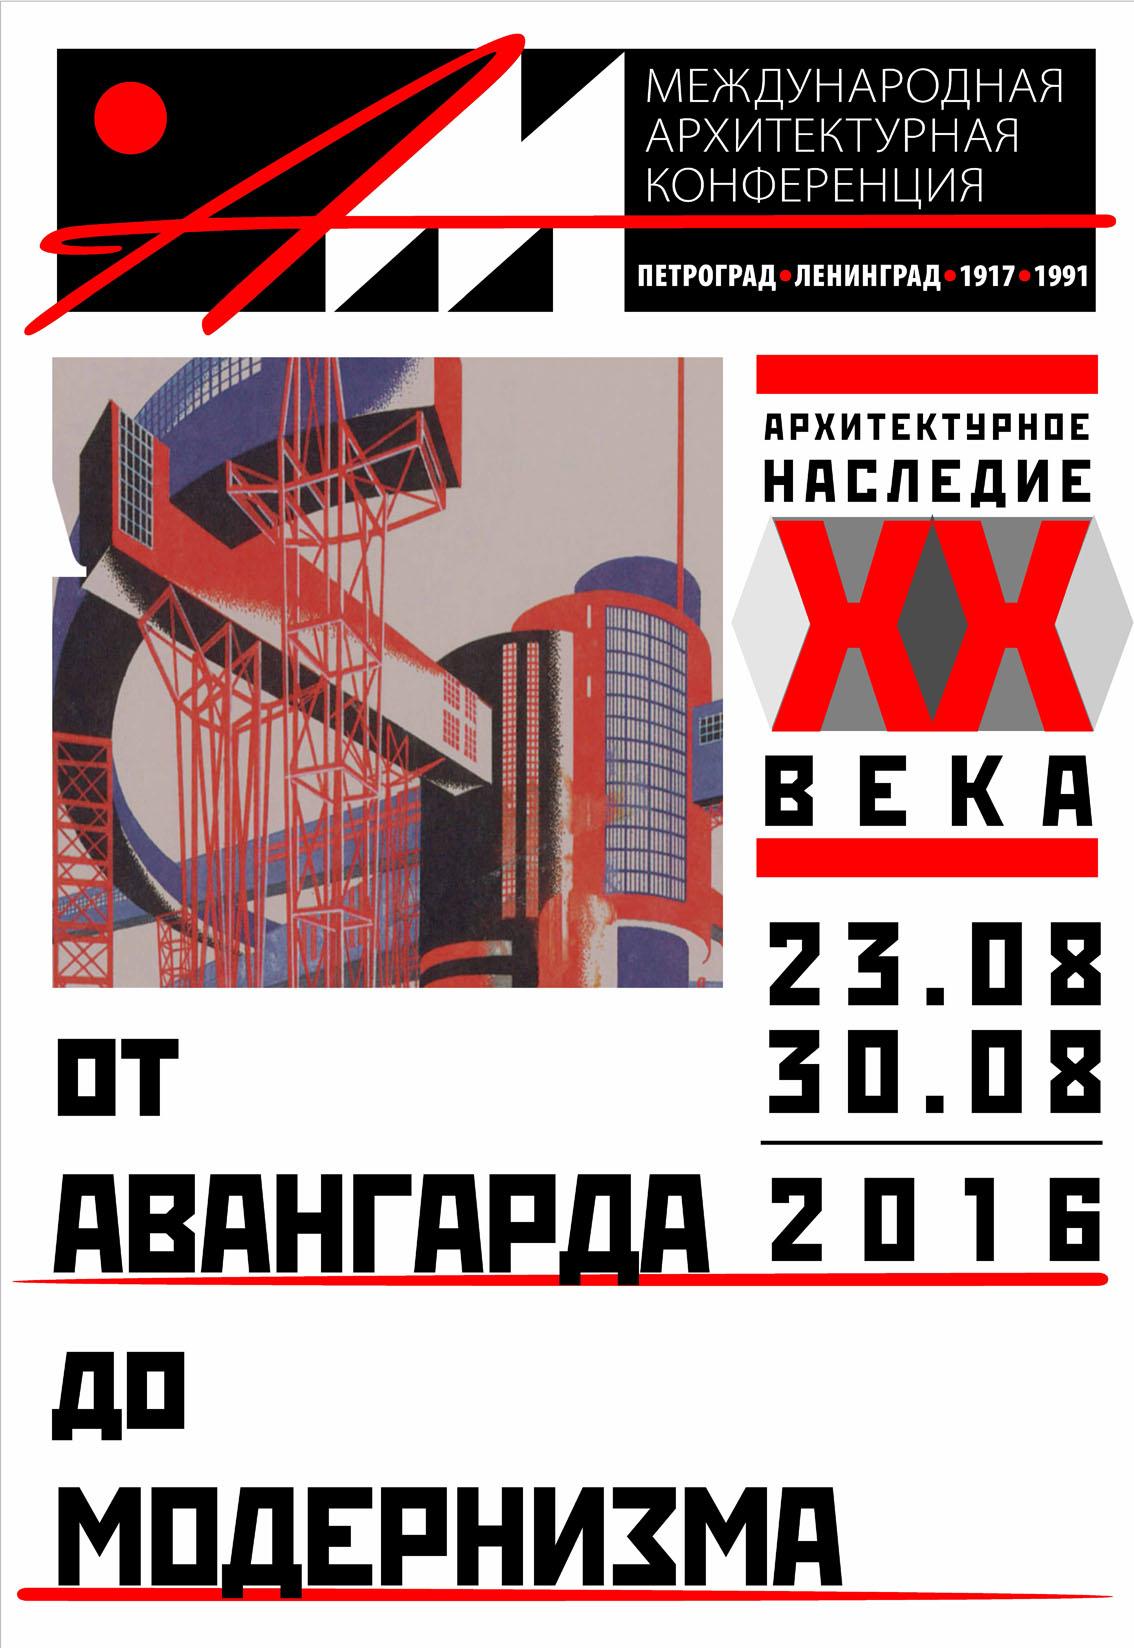 Конференция: «Архитектурное наследие XX века - от авангарда до модернизма»